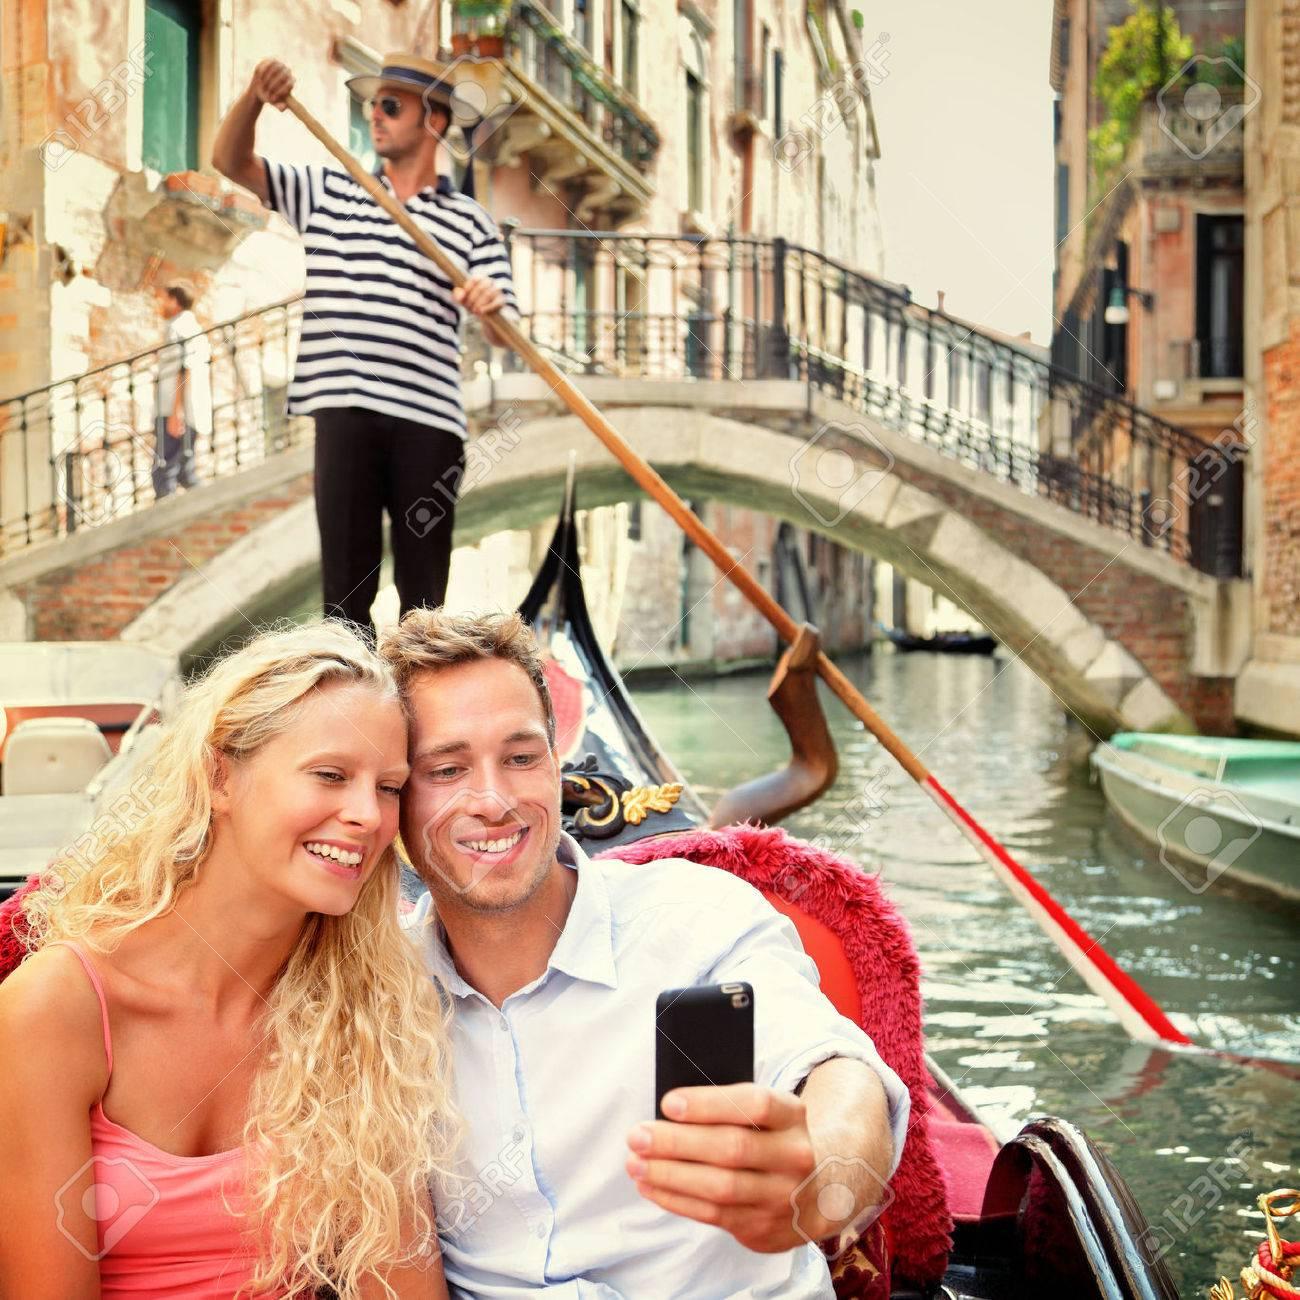 Connu Quelques Selfie En Gondole Sur Vacances Voyage Venise. Belles  GK39